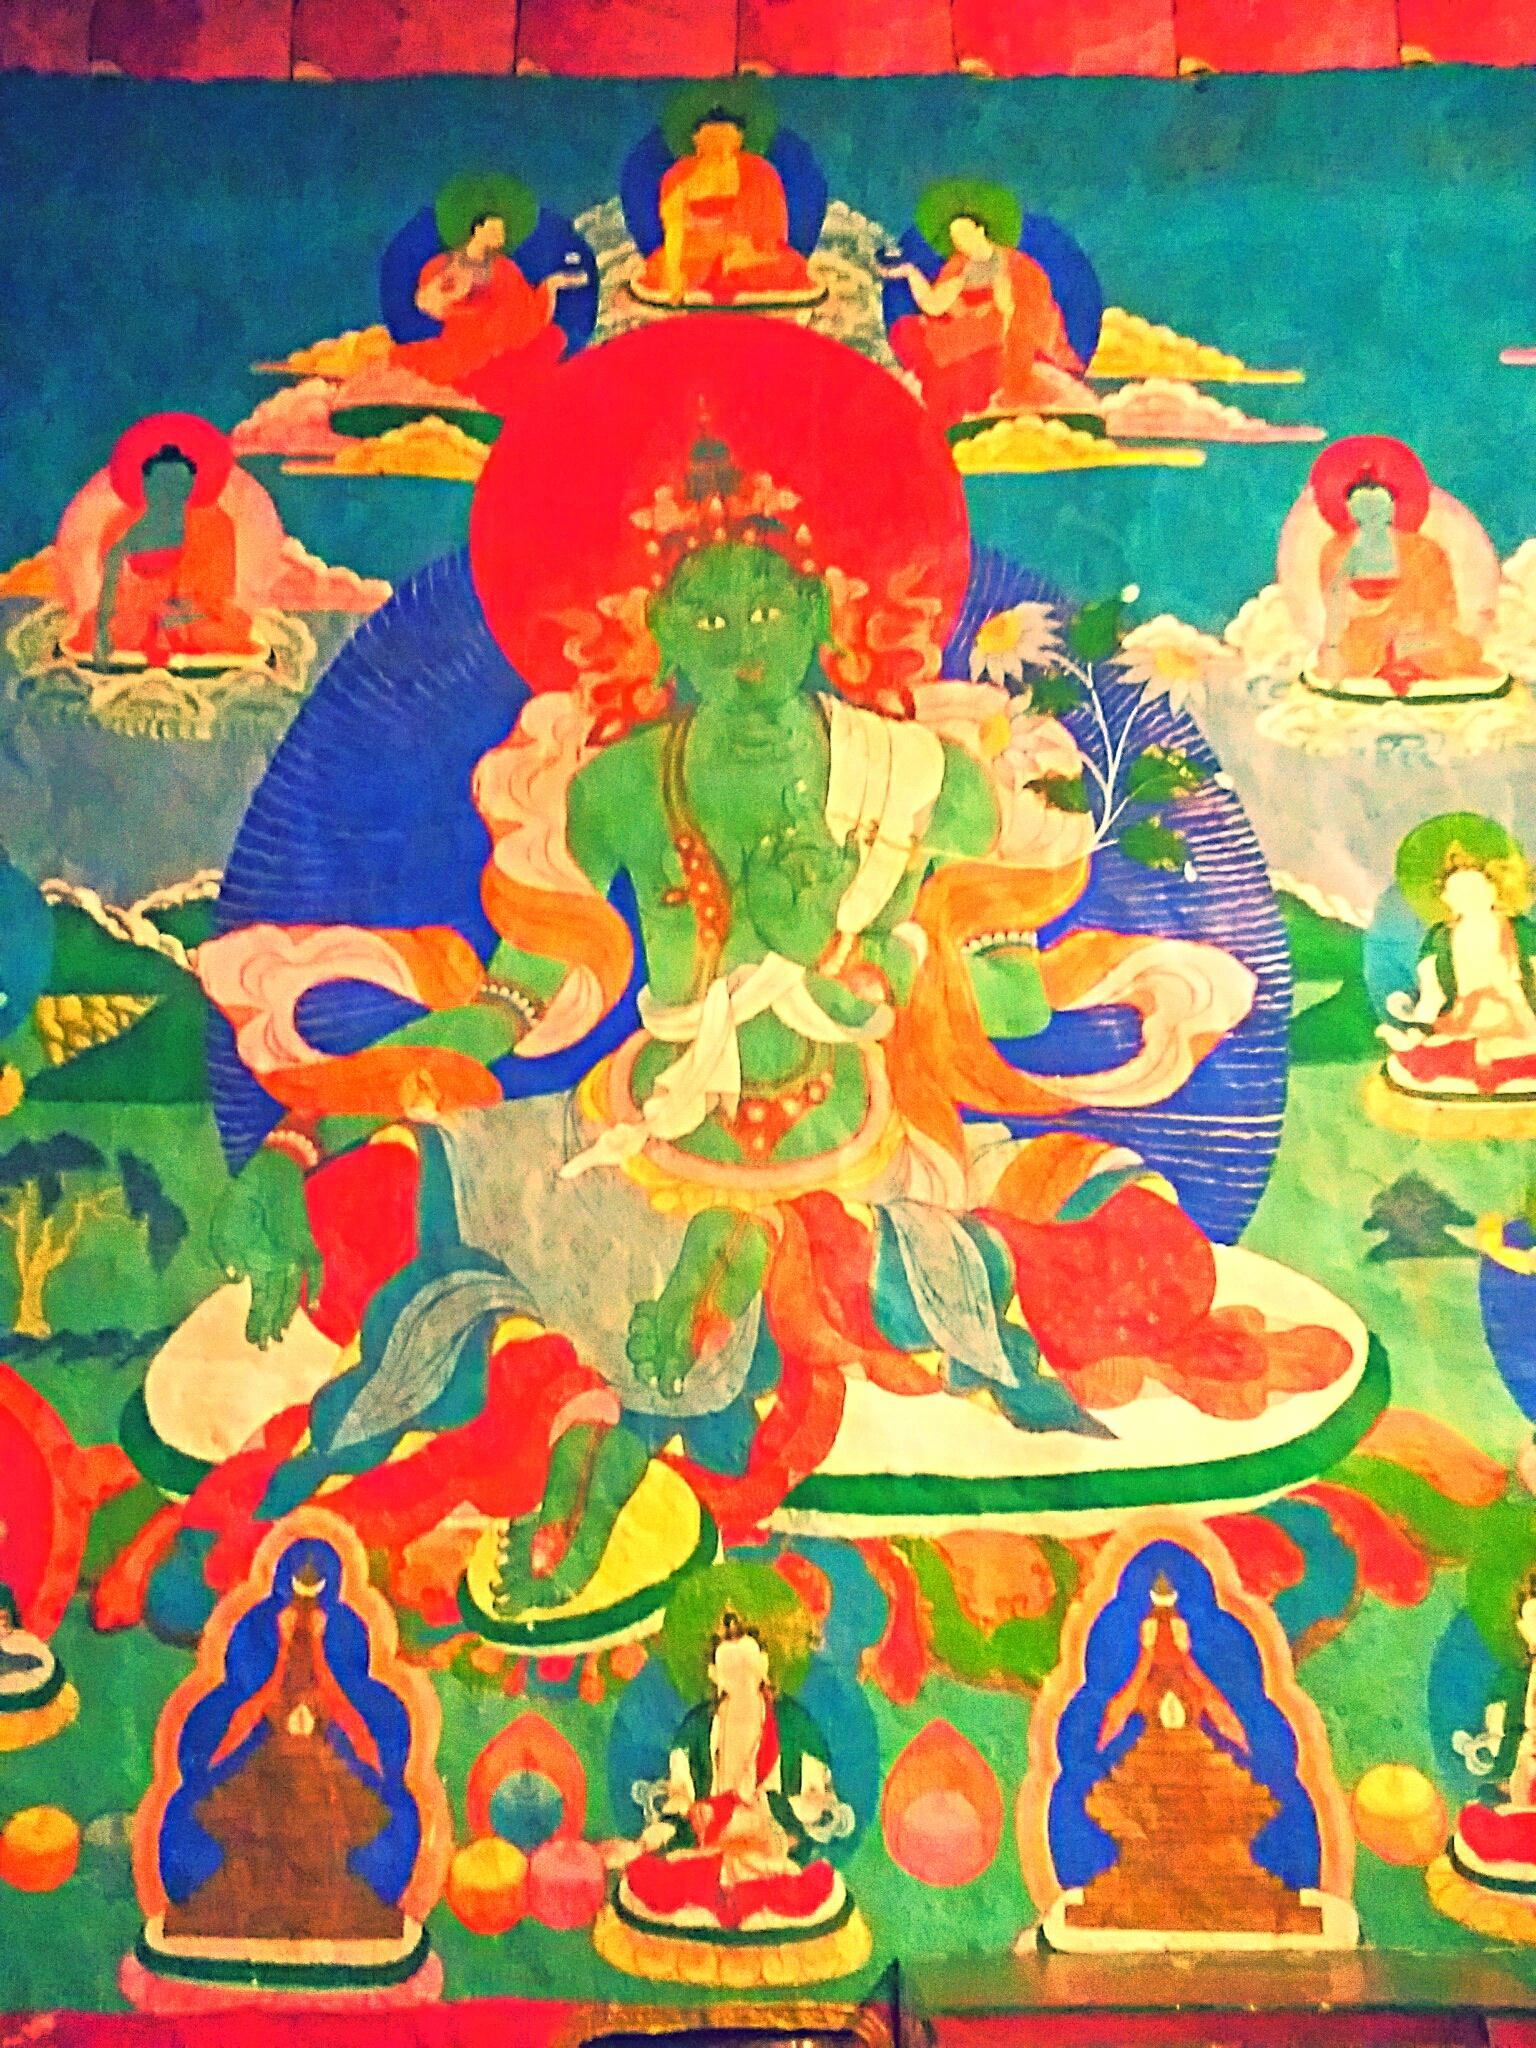 衆生を救う観音菩薩の化身ターラ菩薩とめくるめく女神崇拝の世界への旅